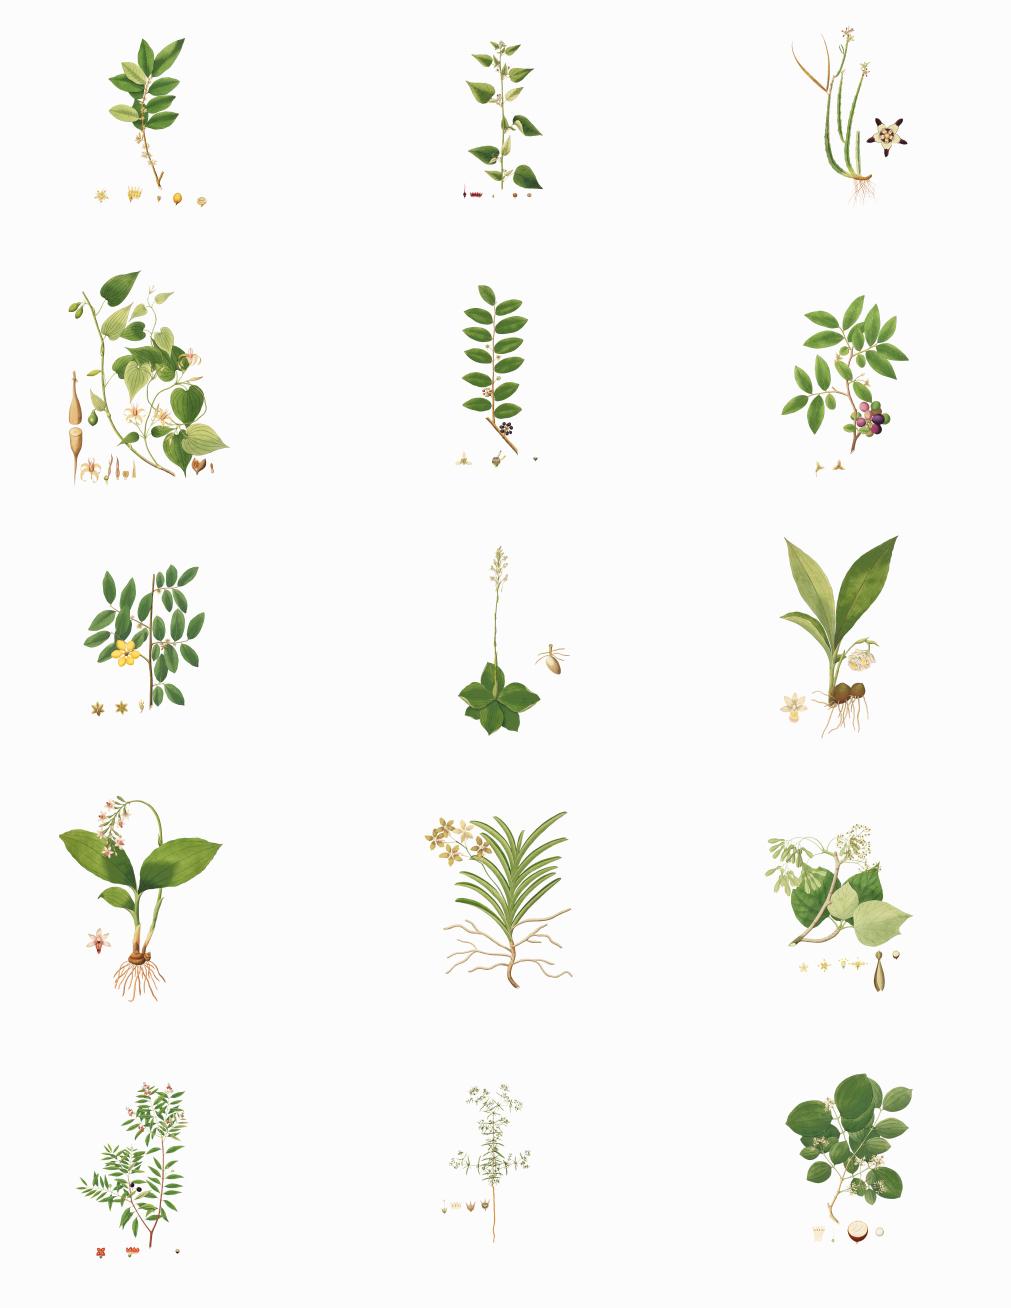 30张草药手绘植物png素材